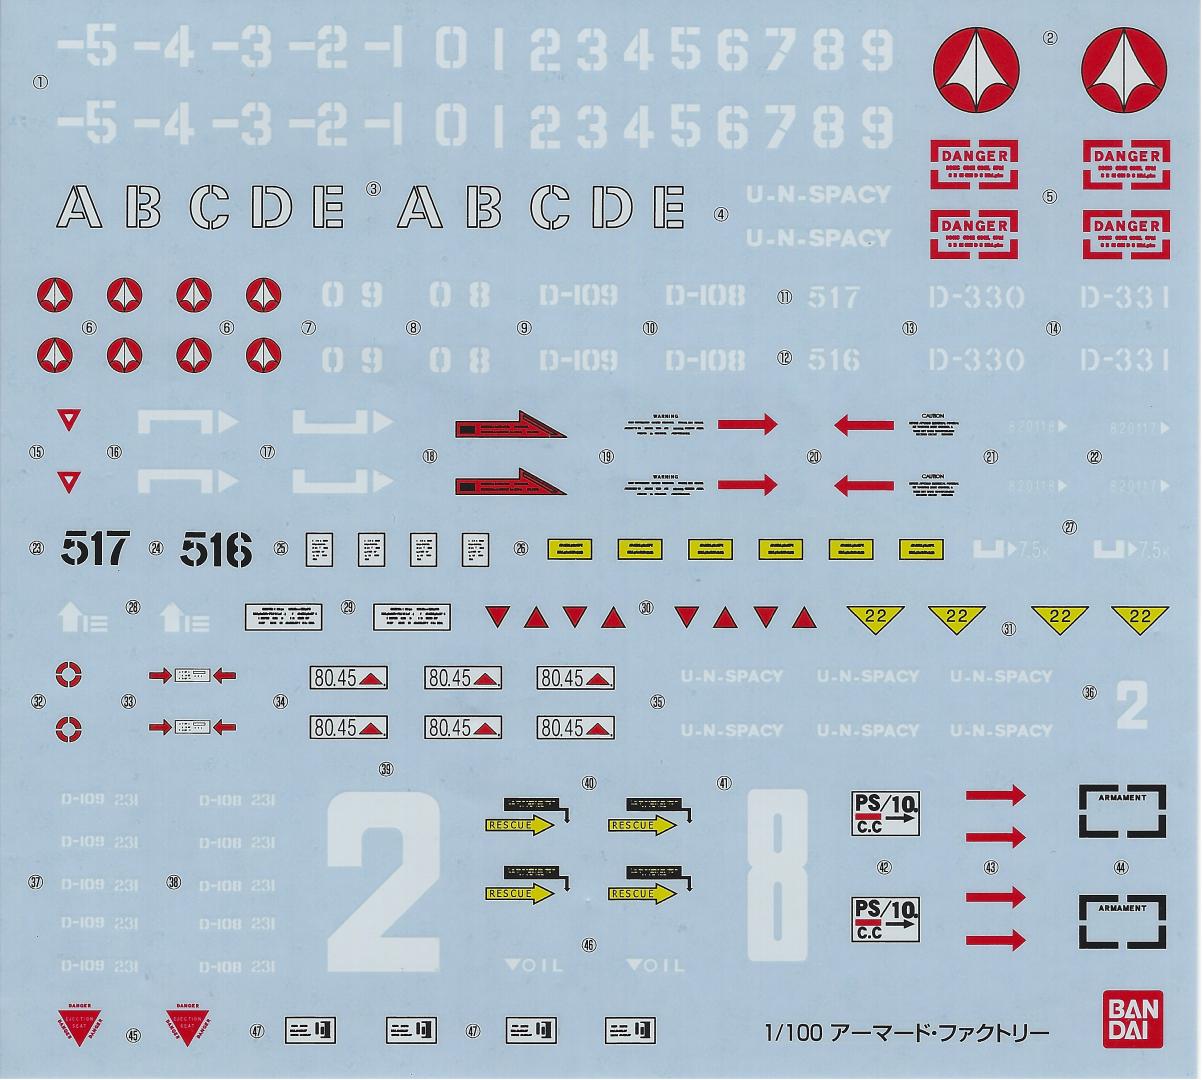 5b241fffec52d_ArmoredFactory01600.thumb.png.d0bf0ad716959acdcca15928d4347380.png